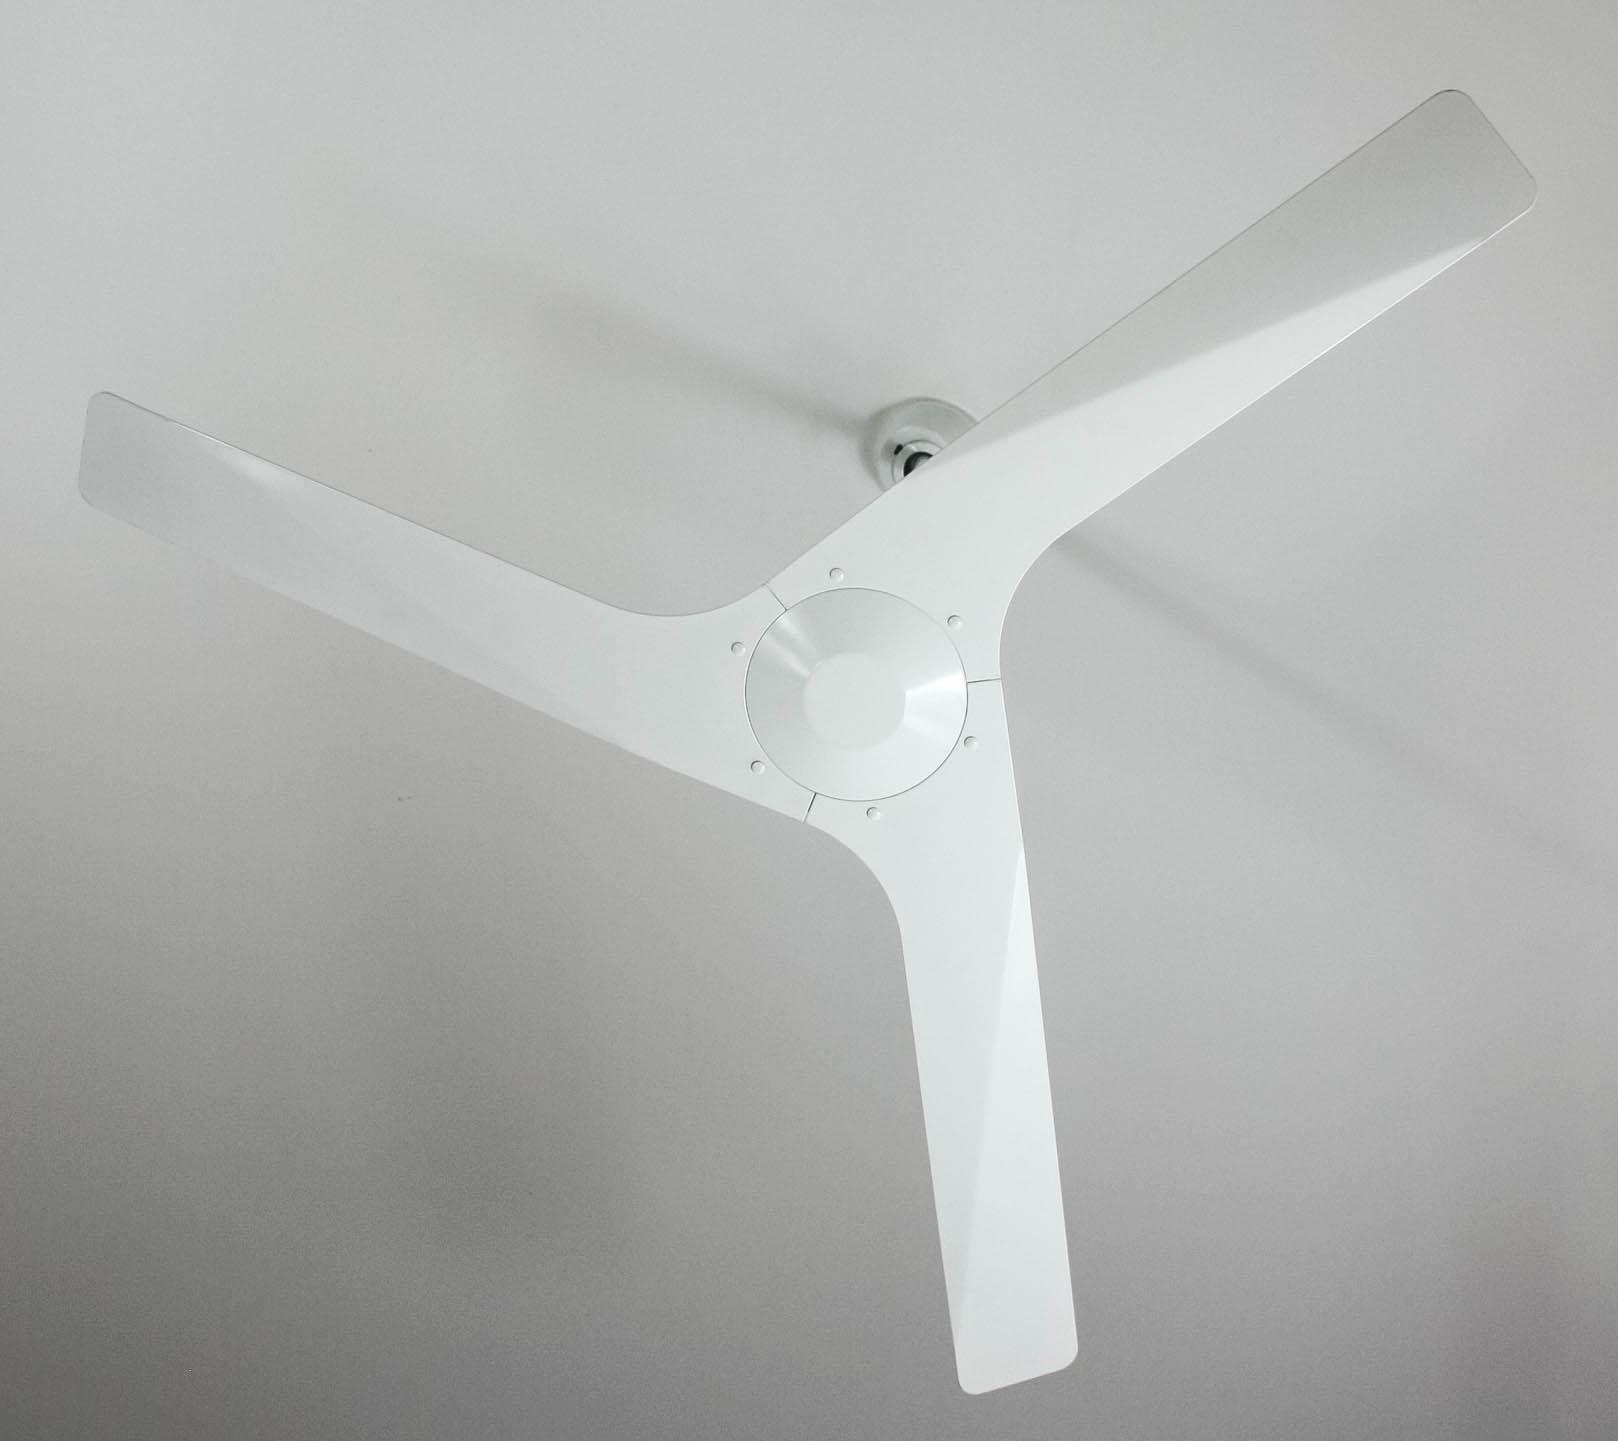 Modn3 Ceiling Fan 3